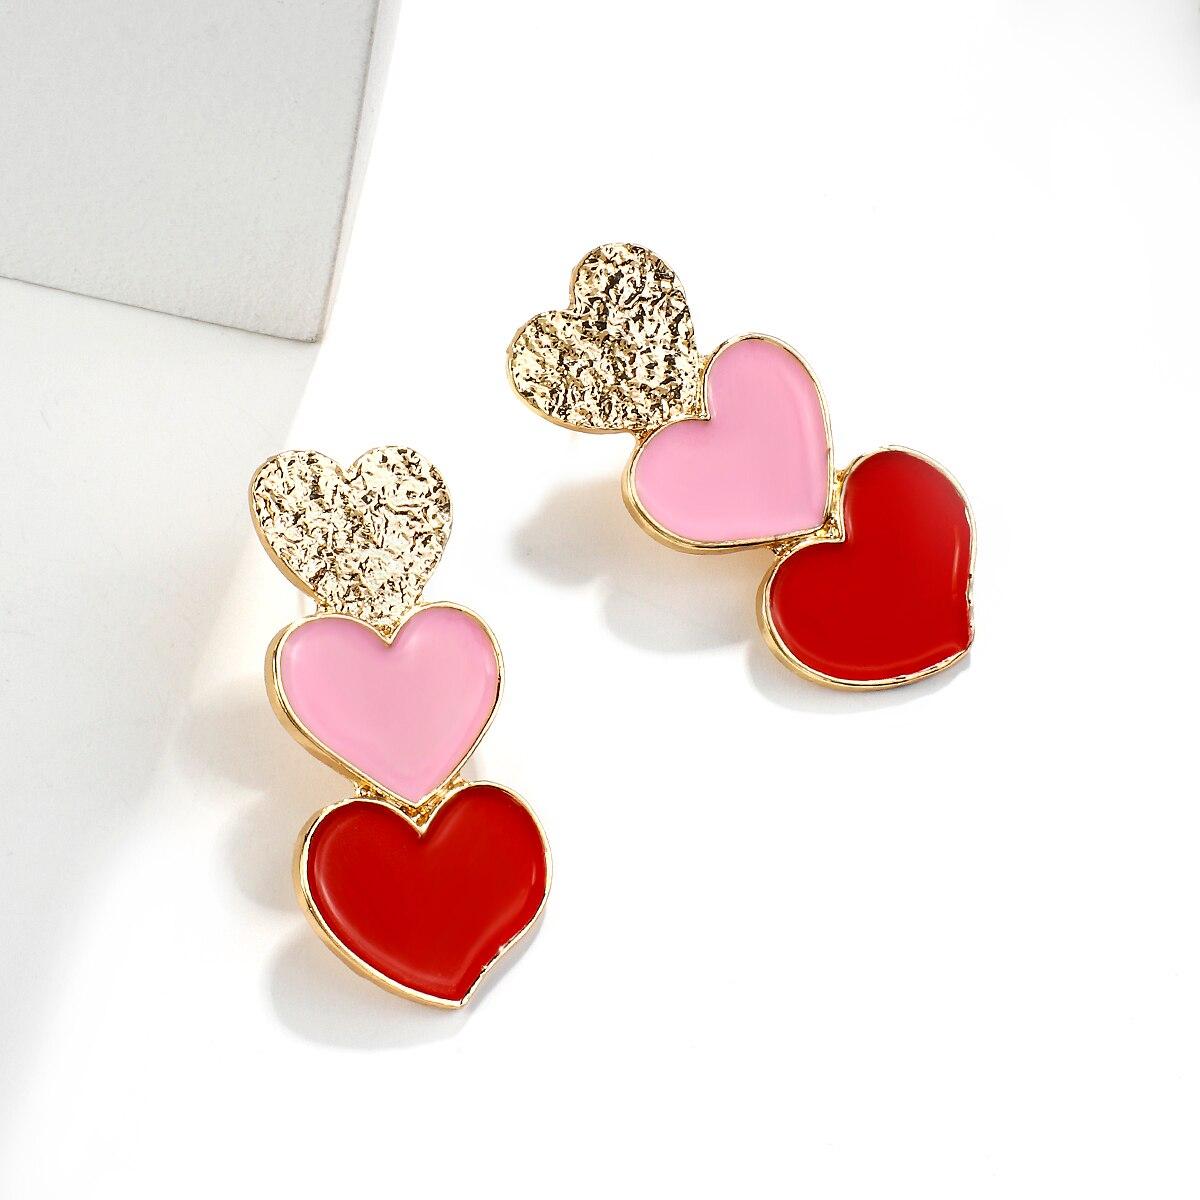 AENSOA Lange Rot Rosa Gold Herz Anhänger Tropfen Ohrringe Koreanische Stil Erklärung Lange Charme Herz Form Ohrringe Partei Schmuck Geschenk